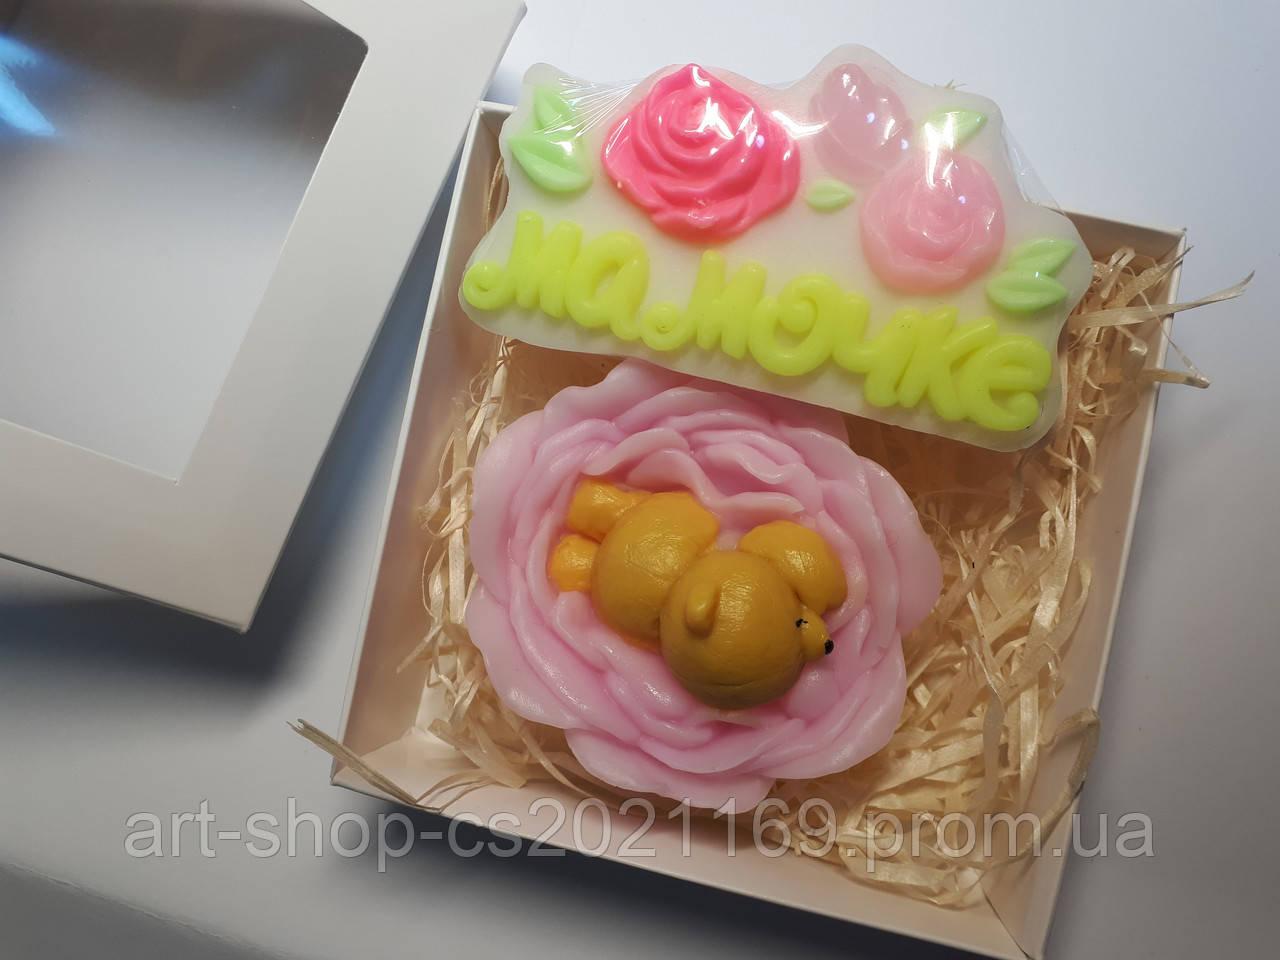 Подарочный набор маме мыло ручной работы мило ручної роботи